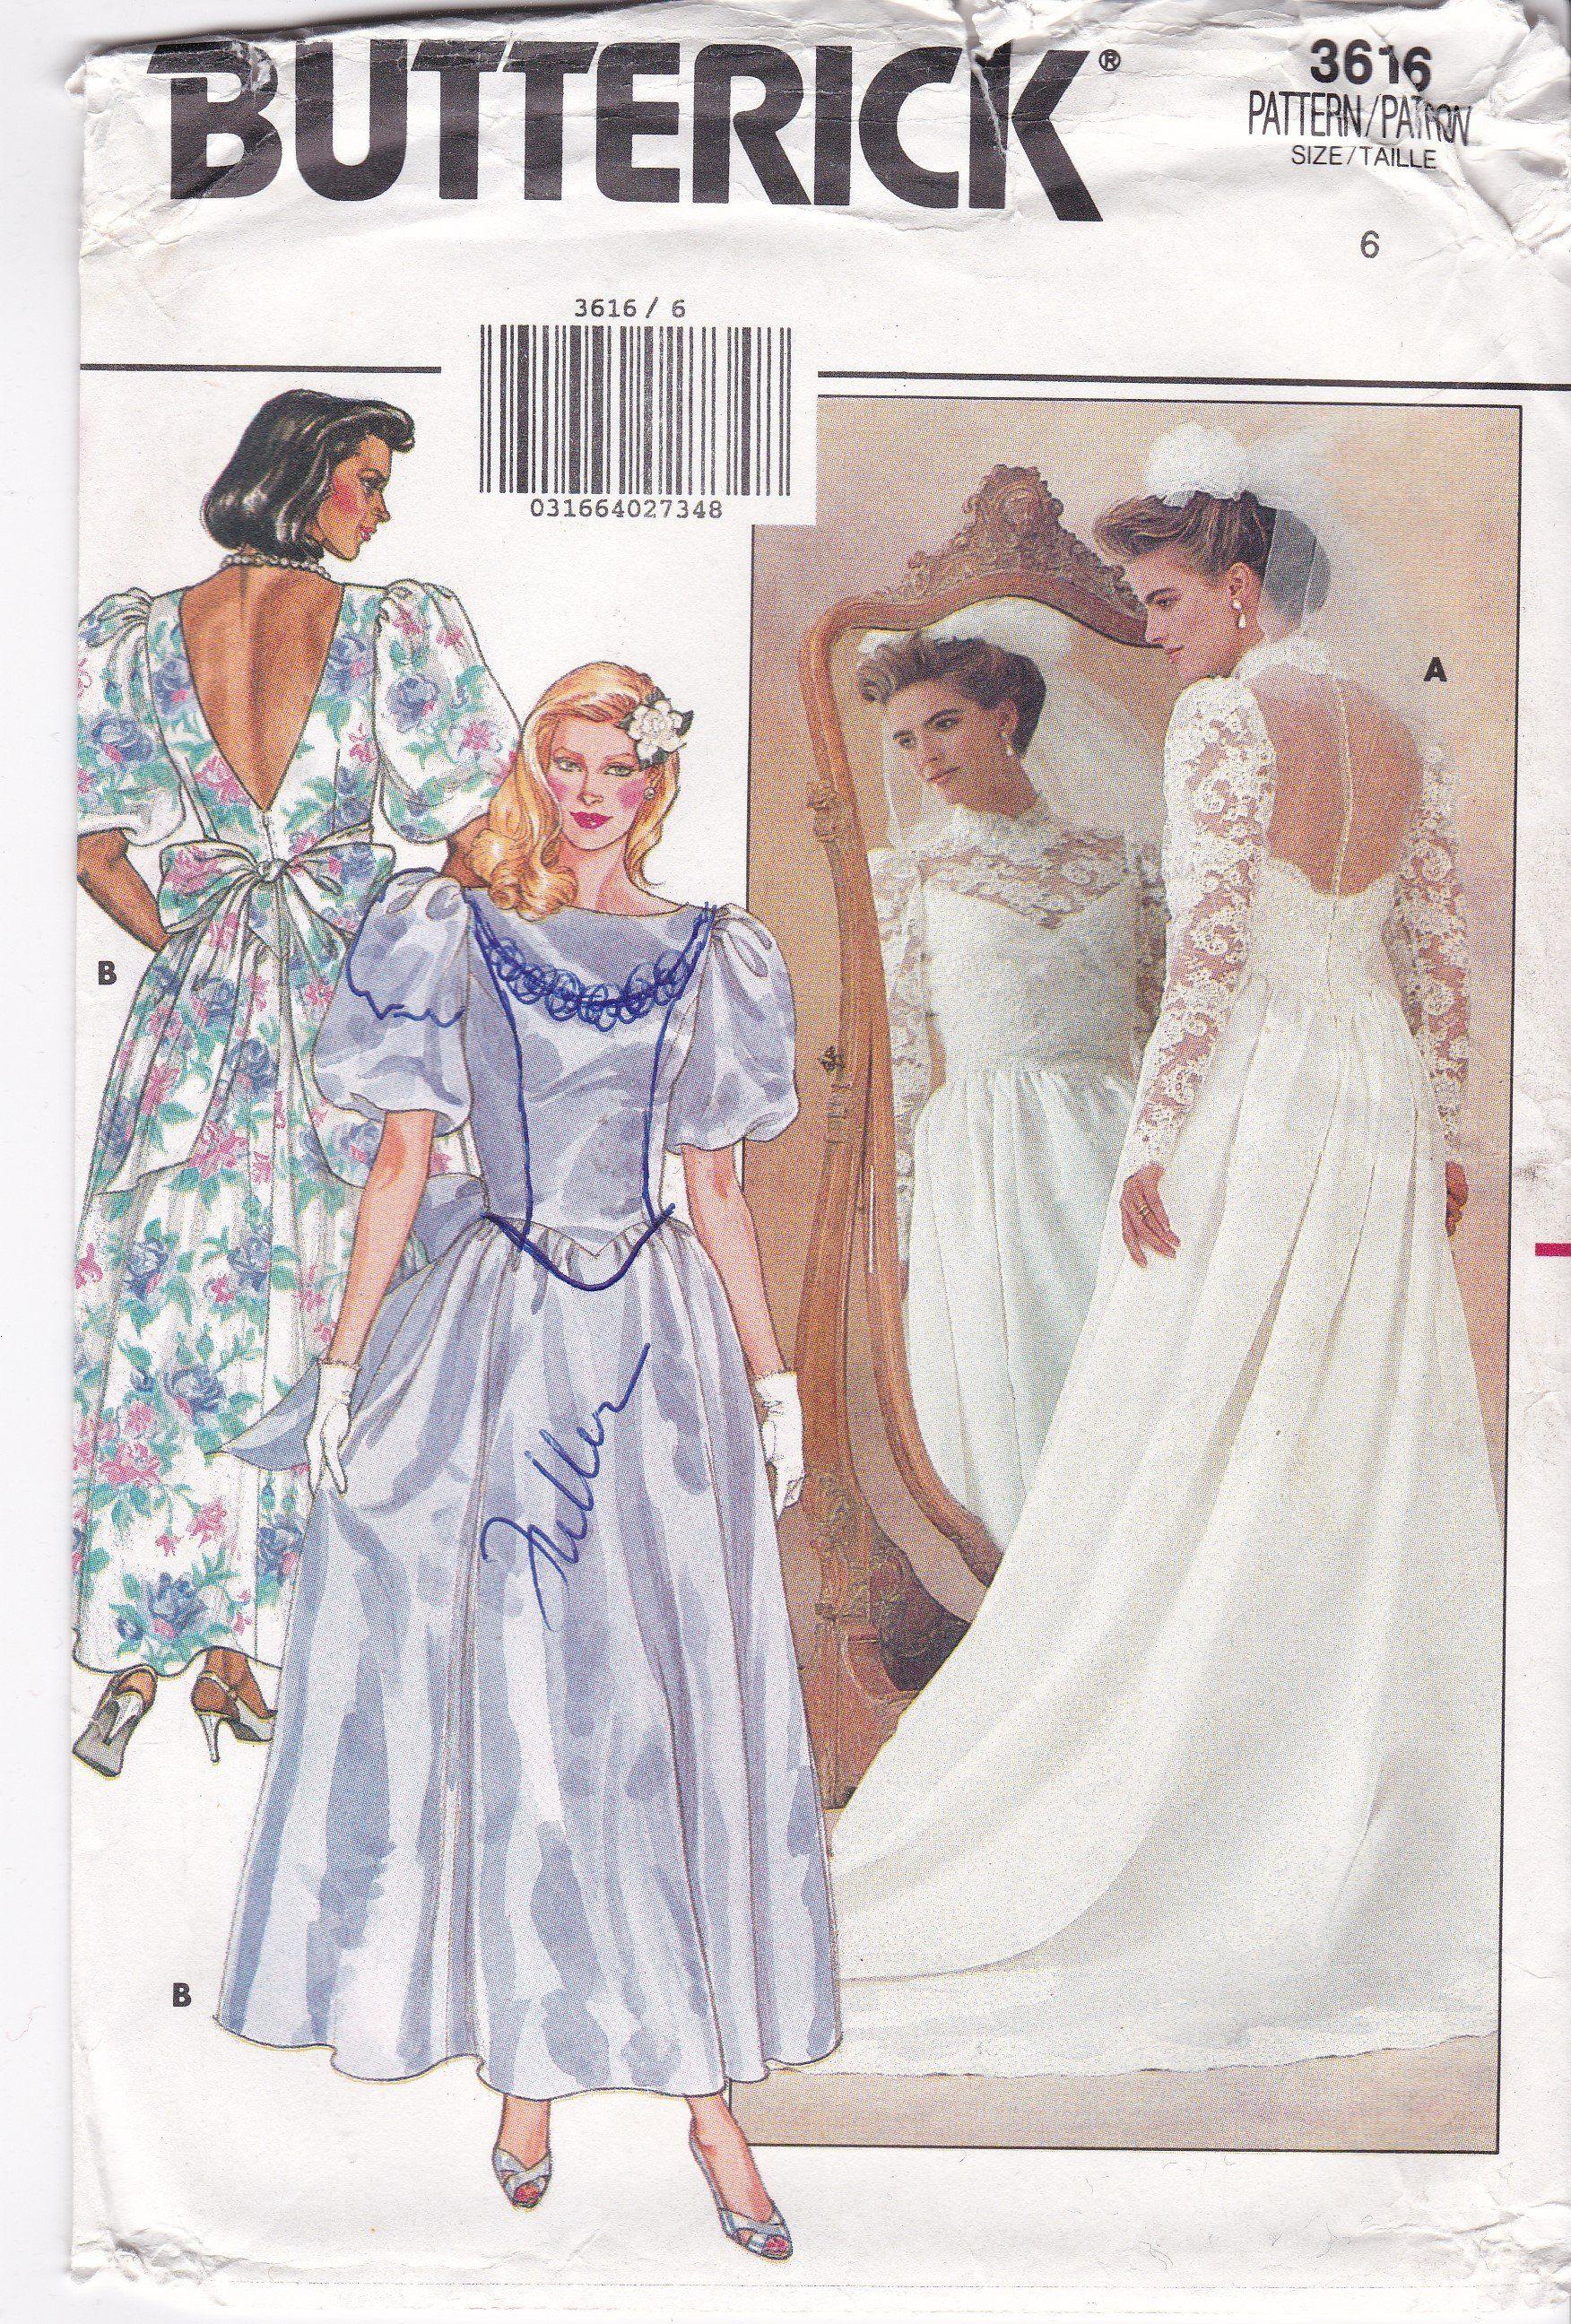 24++ Sweetheart wedding dress pattern ideas in 2021